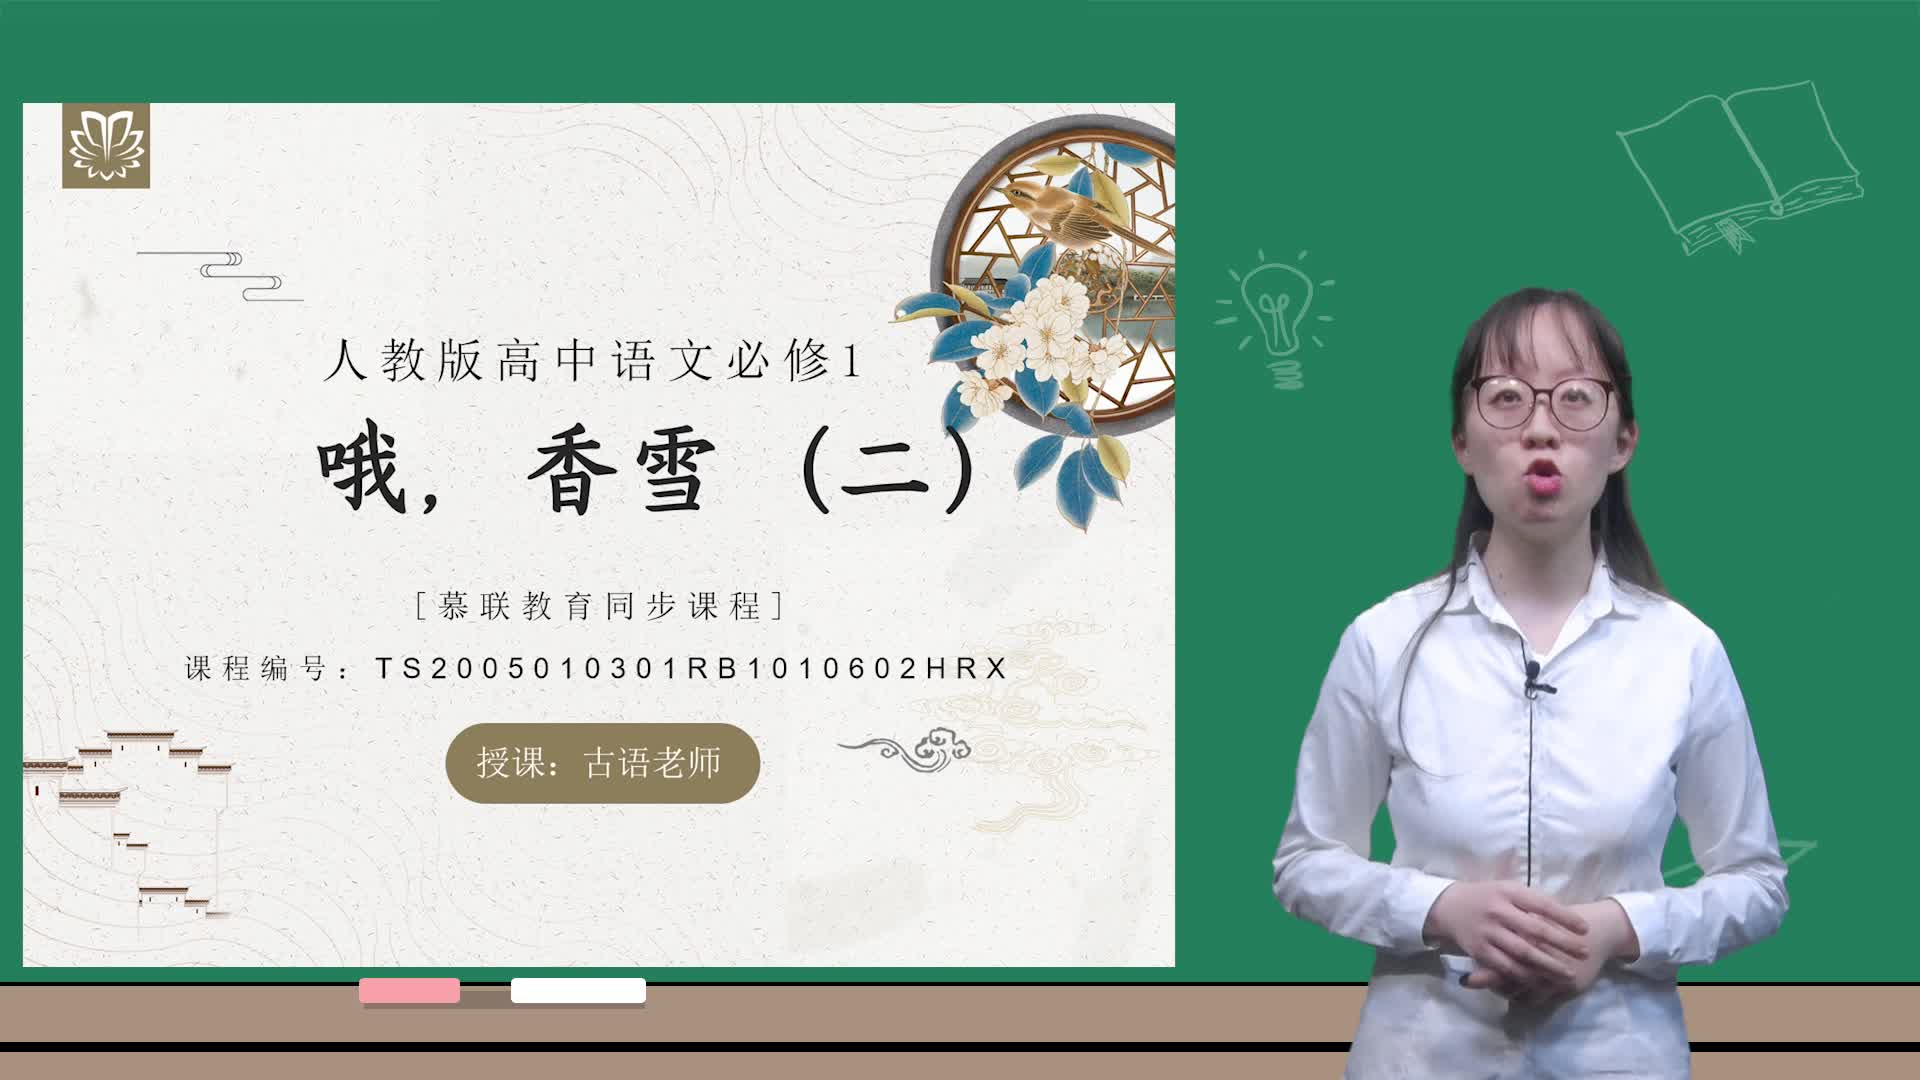 视频1.6.2哦,香雪-【慕联】高中新教材完全同步统编版语文必修上册